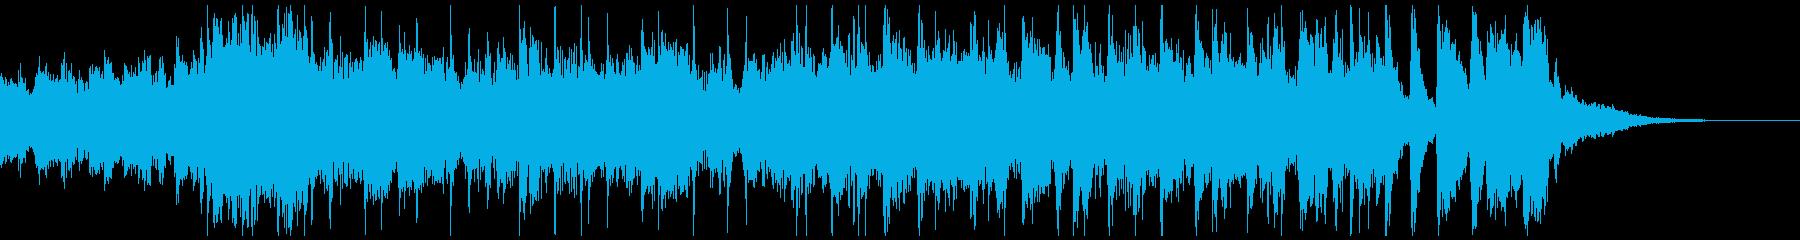 疾走感のあるファンキーなジングル1の再生済みの波形